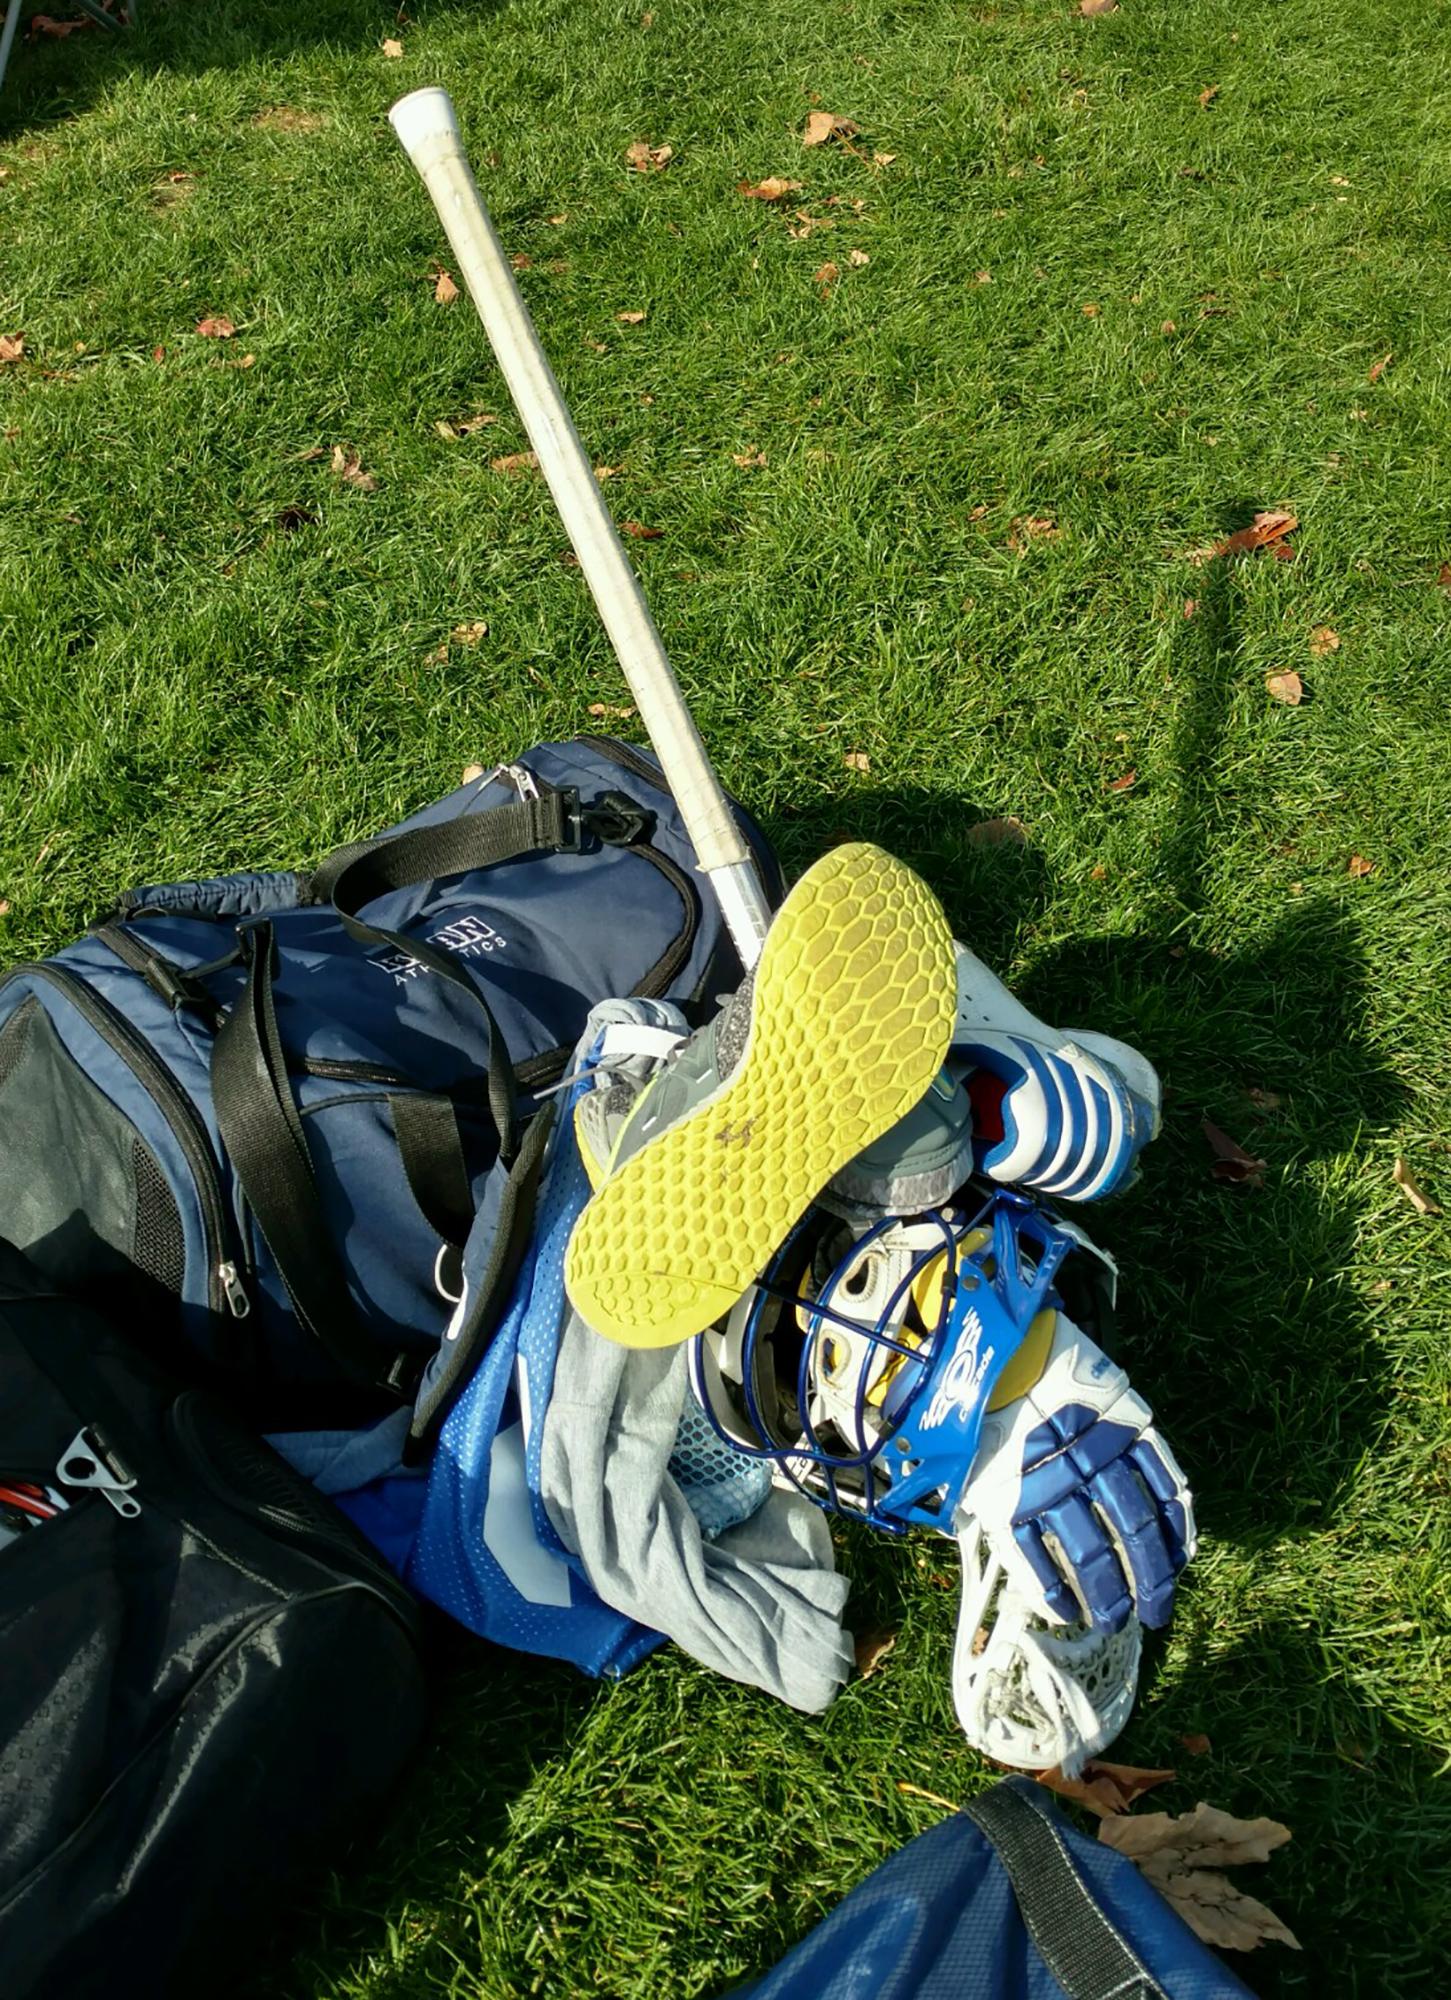 lax-sticks-in-field